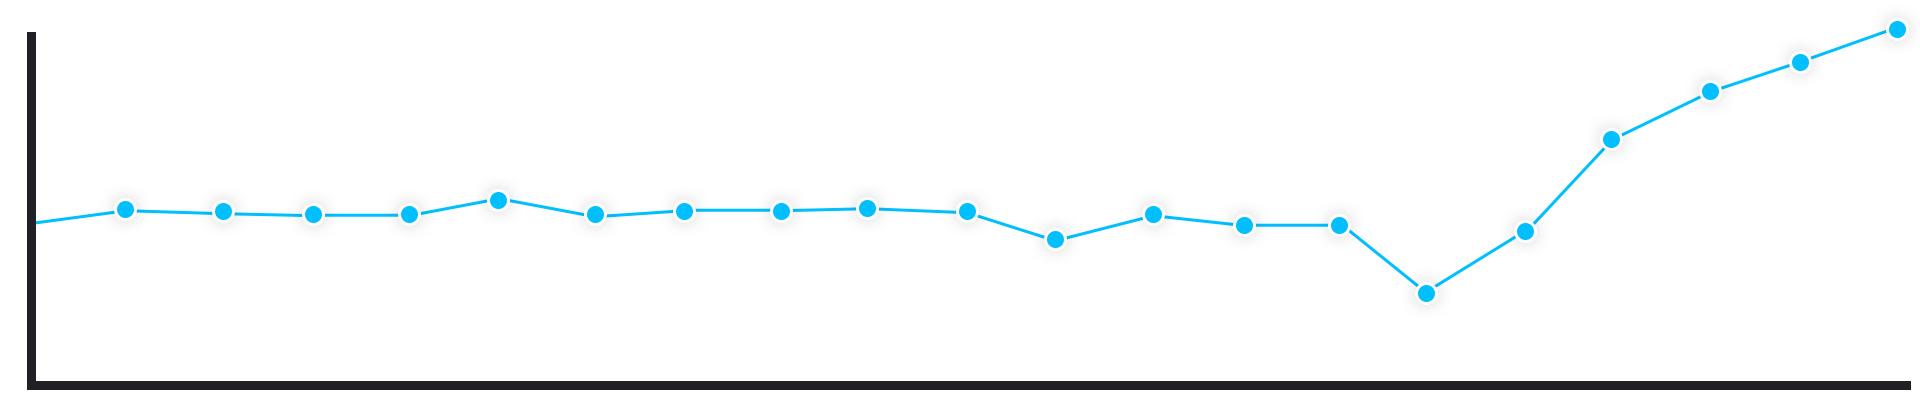 wykres top 10